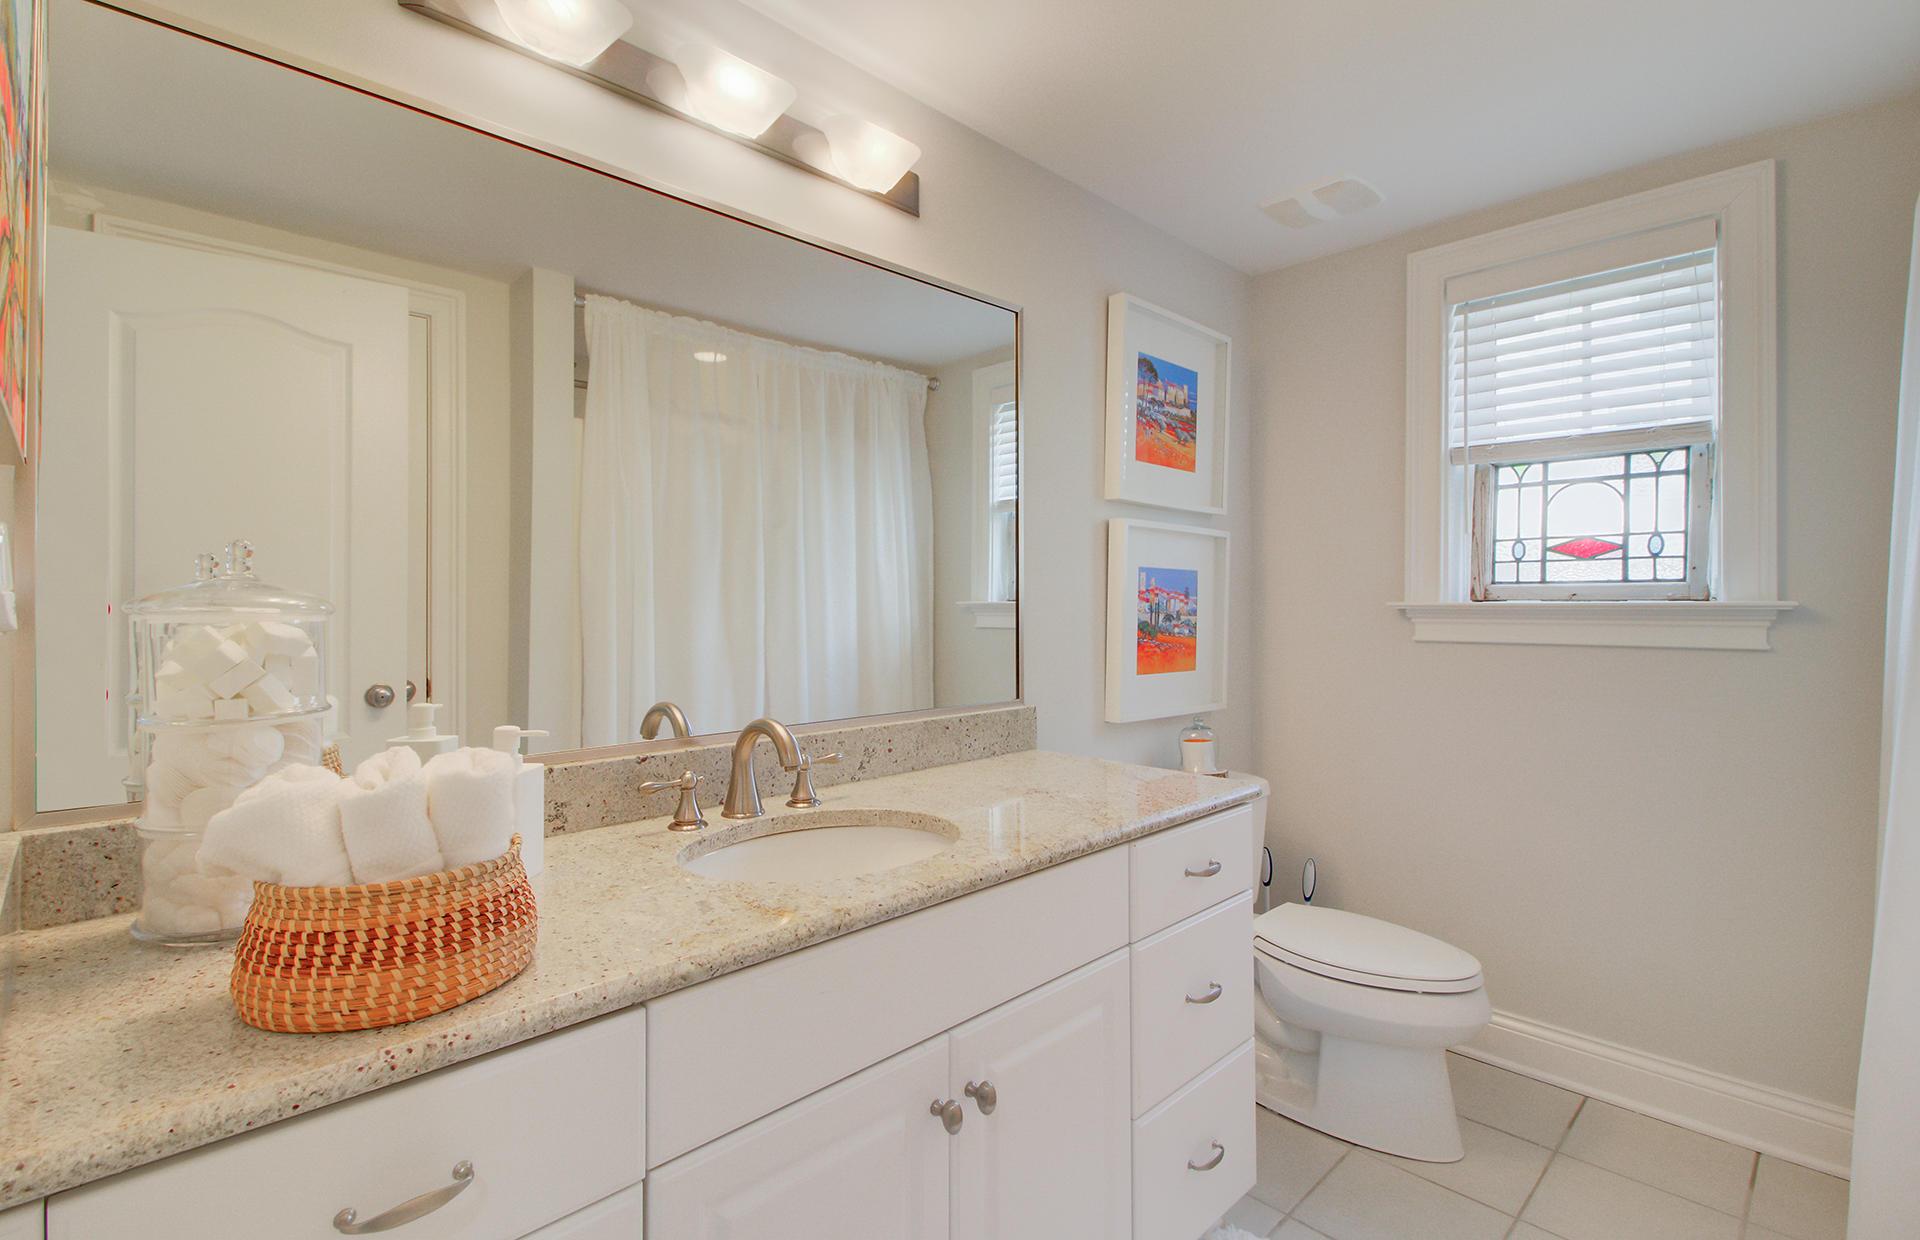 Dunes West Homes For Sale - 2913 Yachtsman, Mount Pleasant, SC - 47